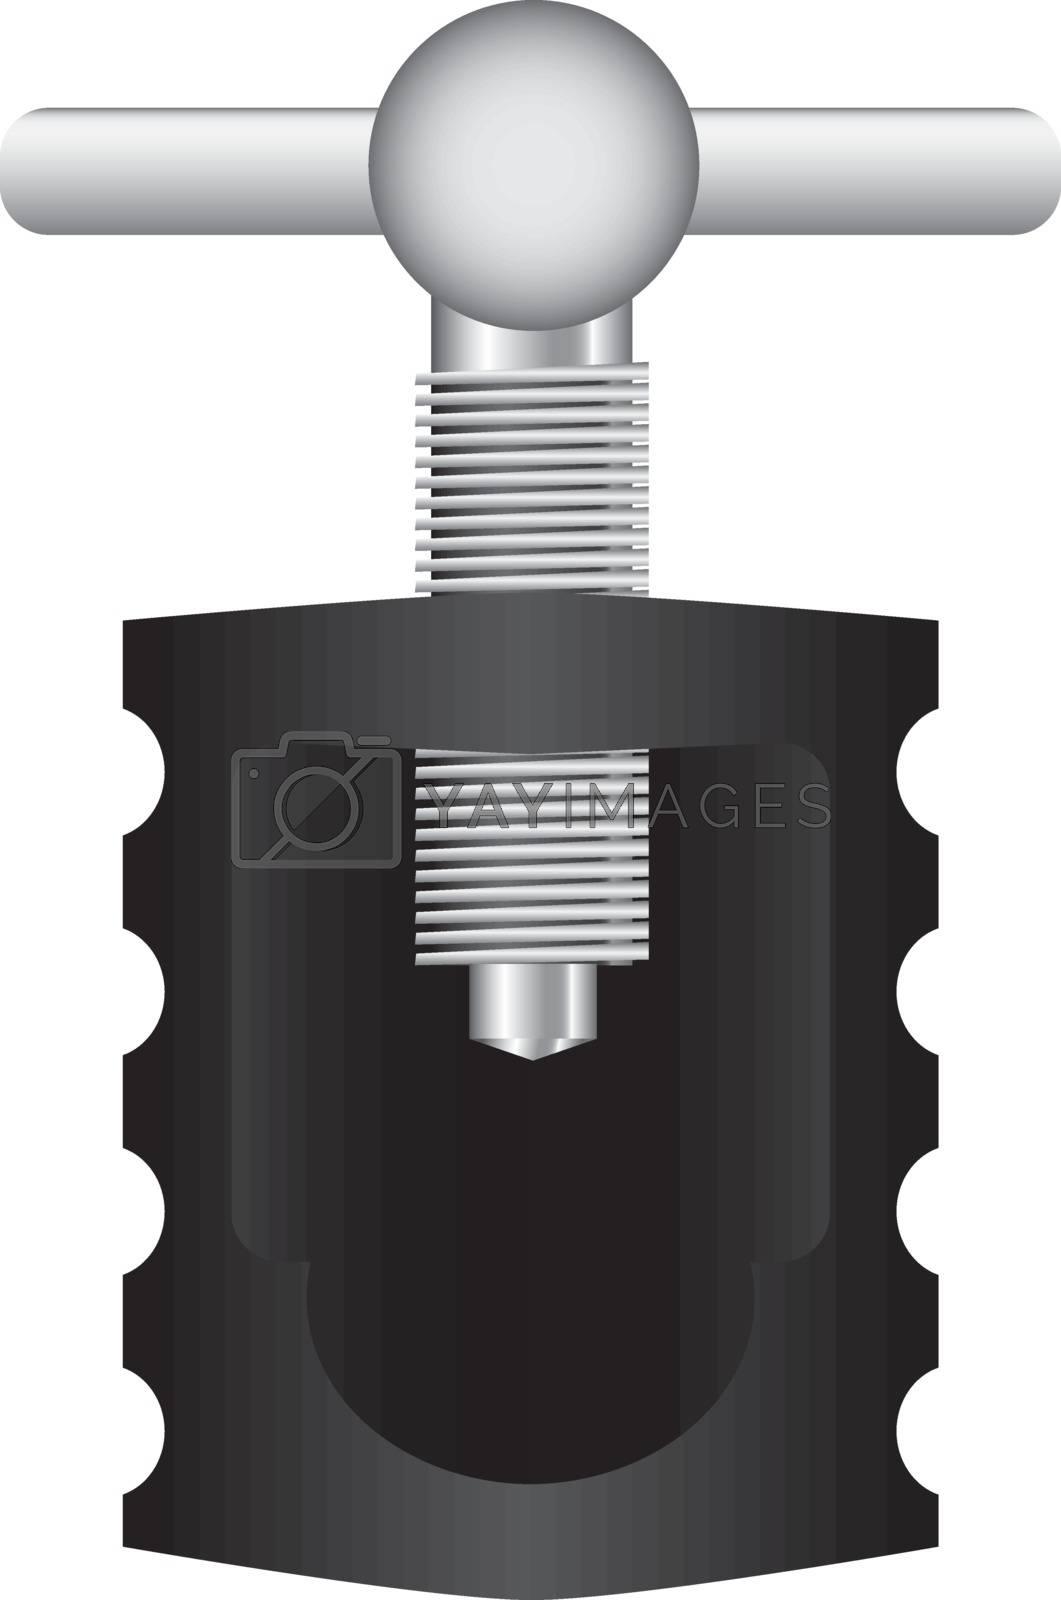 Screw nutcracker for household use. Vector illustration